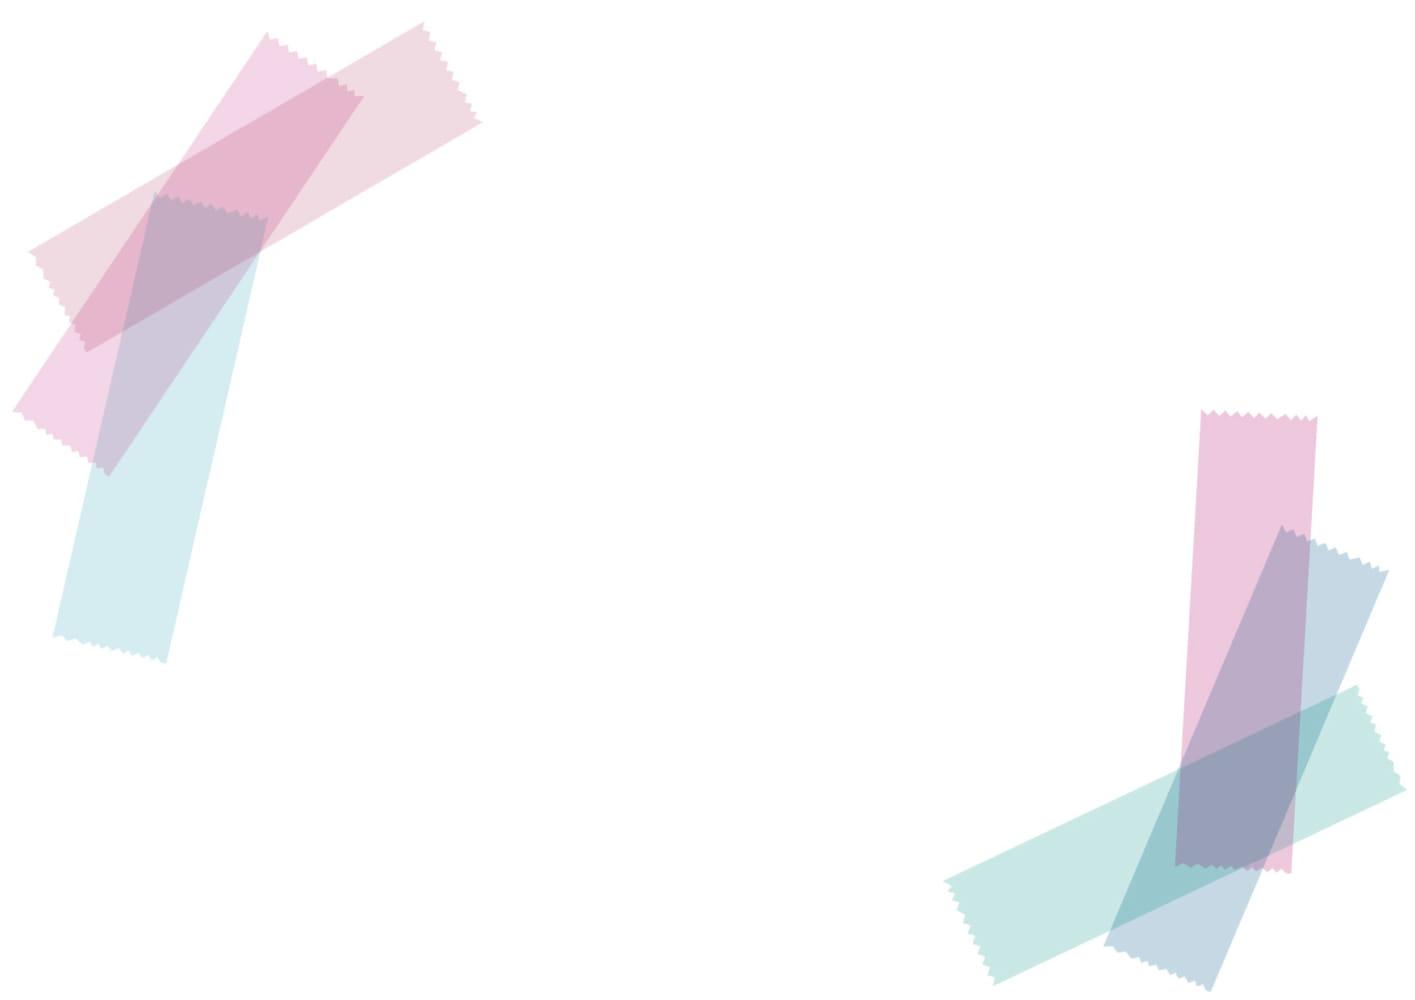 マスキングテープ ピンク イラスト 無料